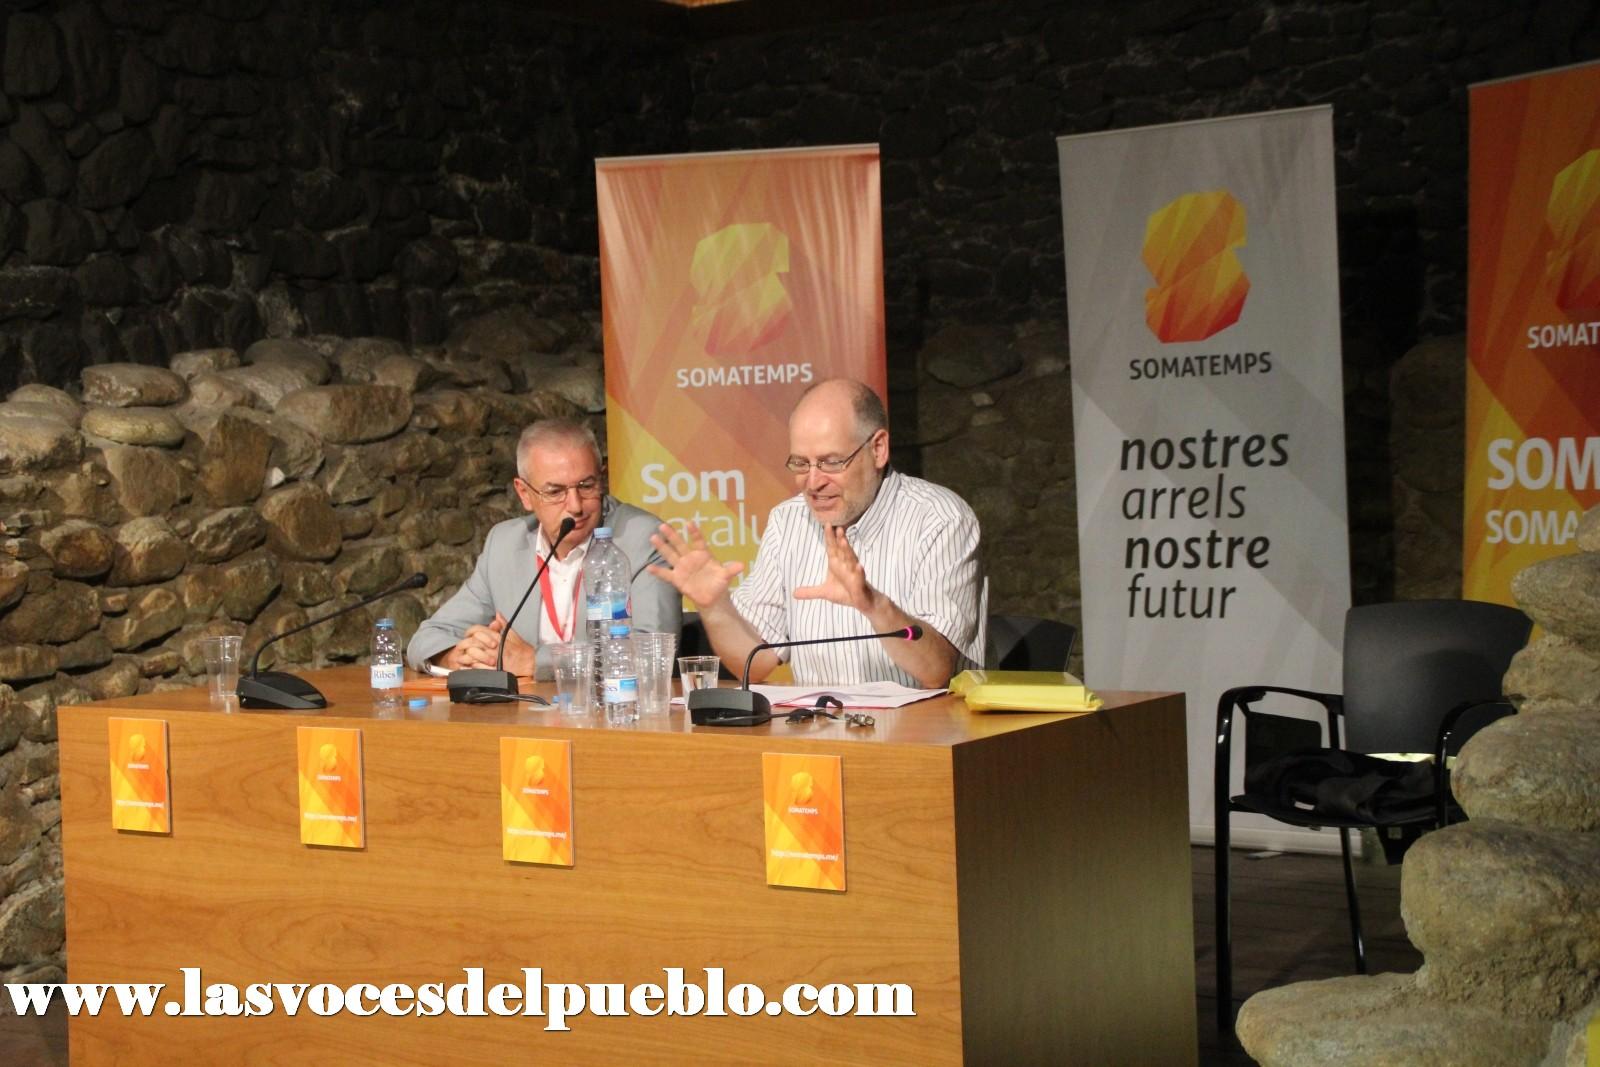 las voces del pueblo_I Congreso de Somatemps_Ripoll_Gerona (202)